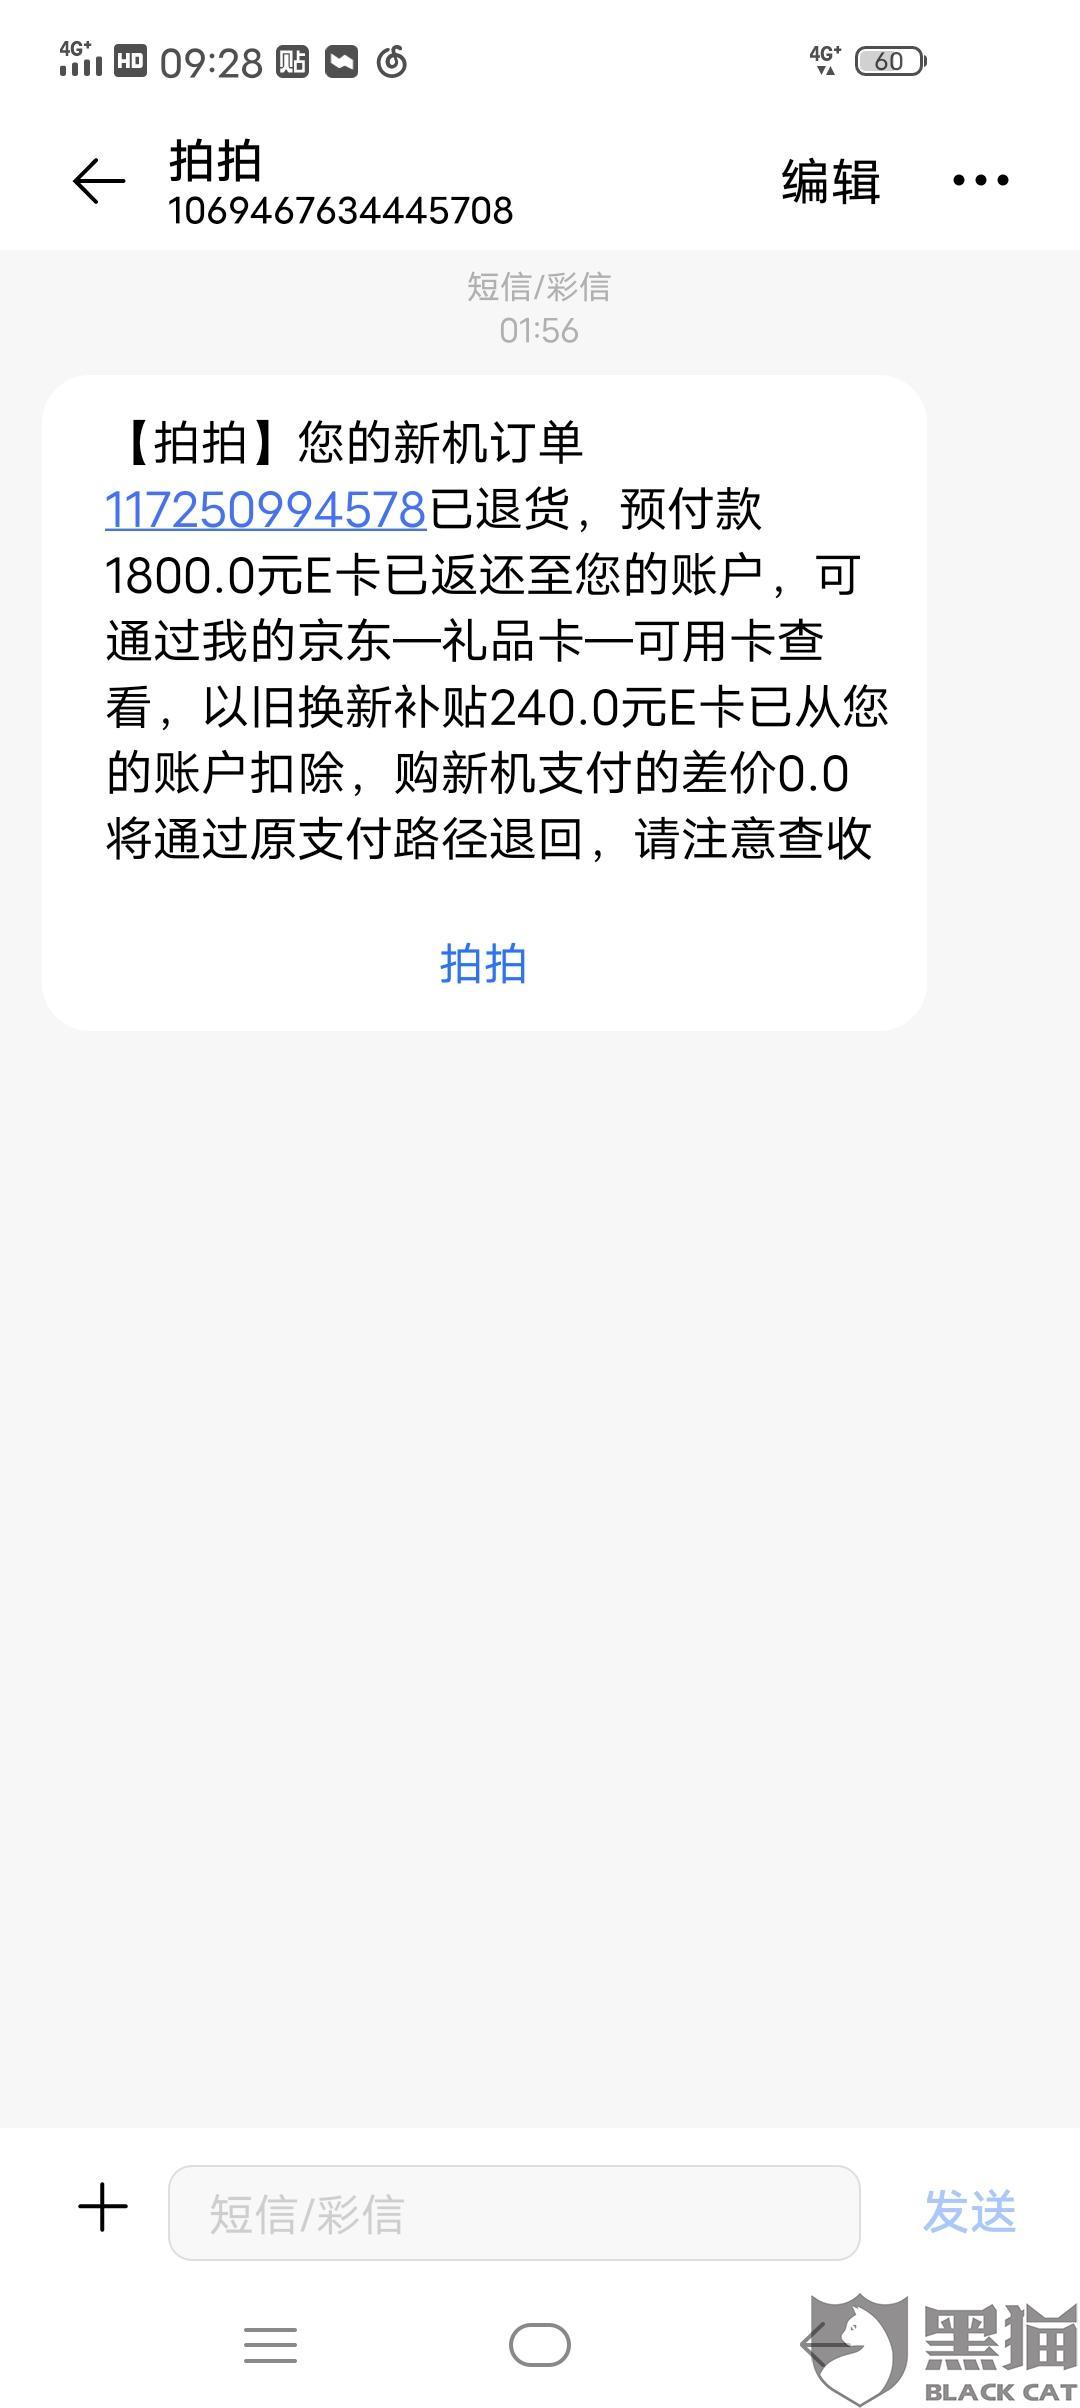 黑猫投诉:在京东爱回收以旧换新,新手机用不惯要退货,自己承担240的损失